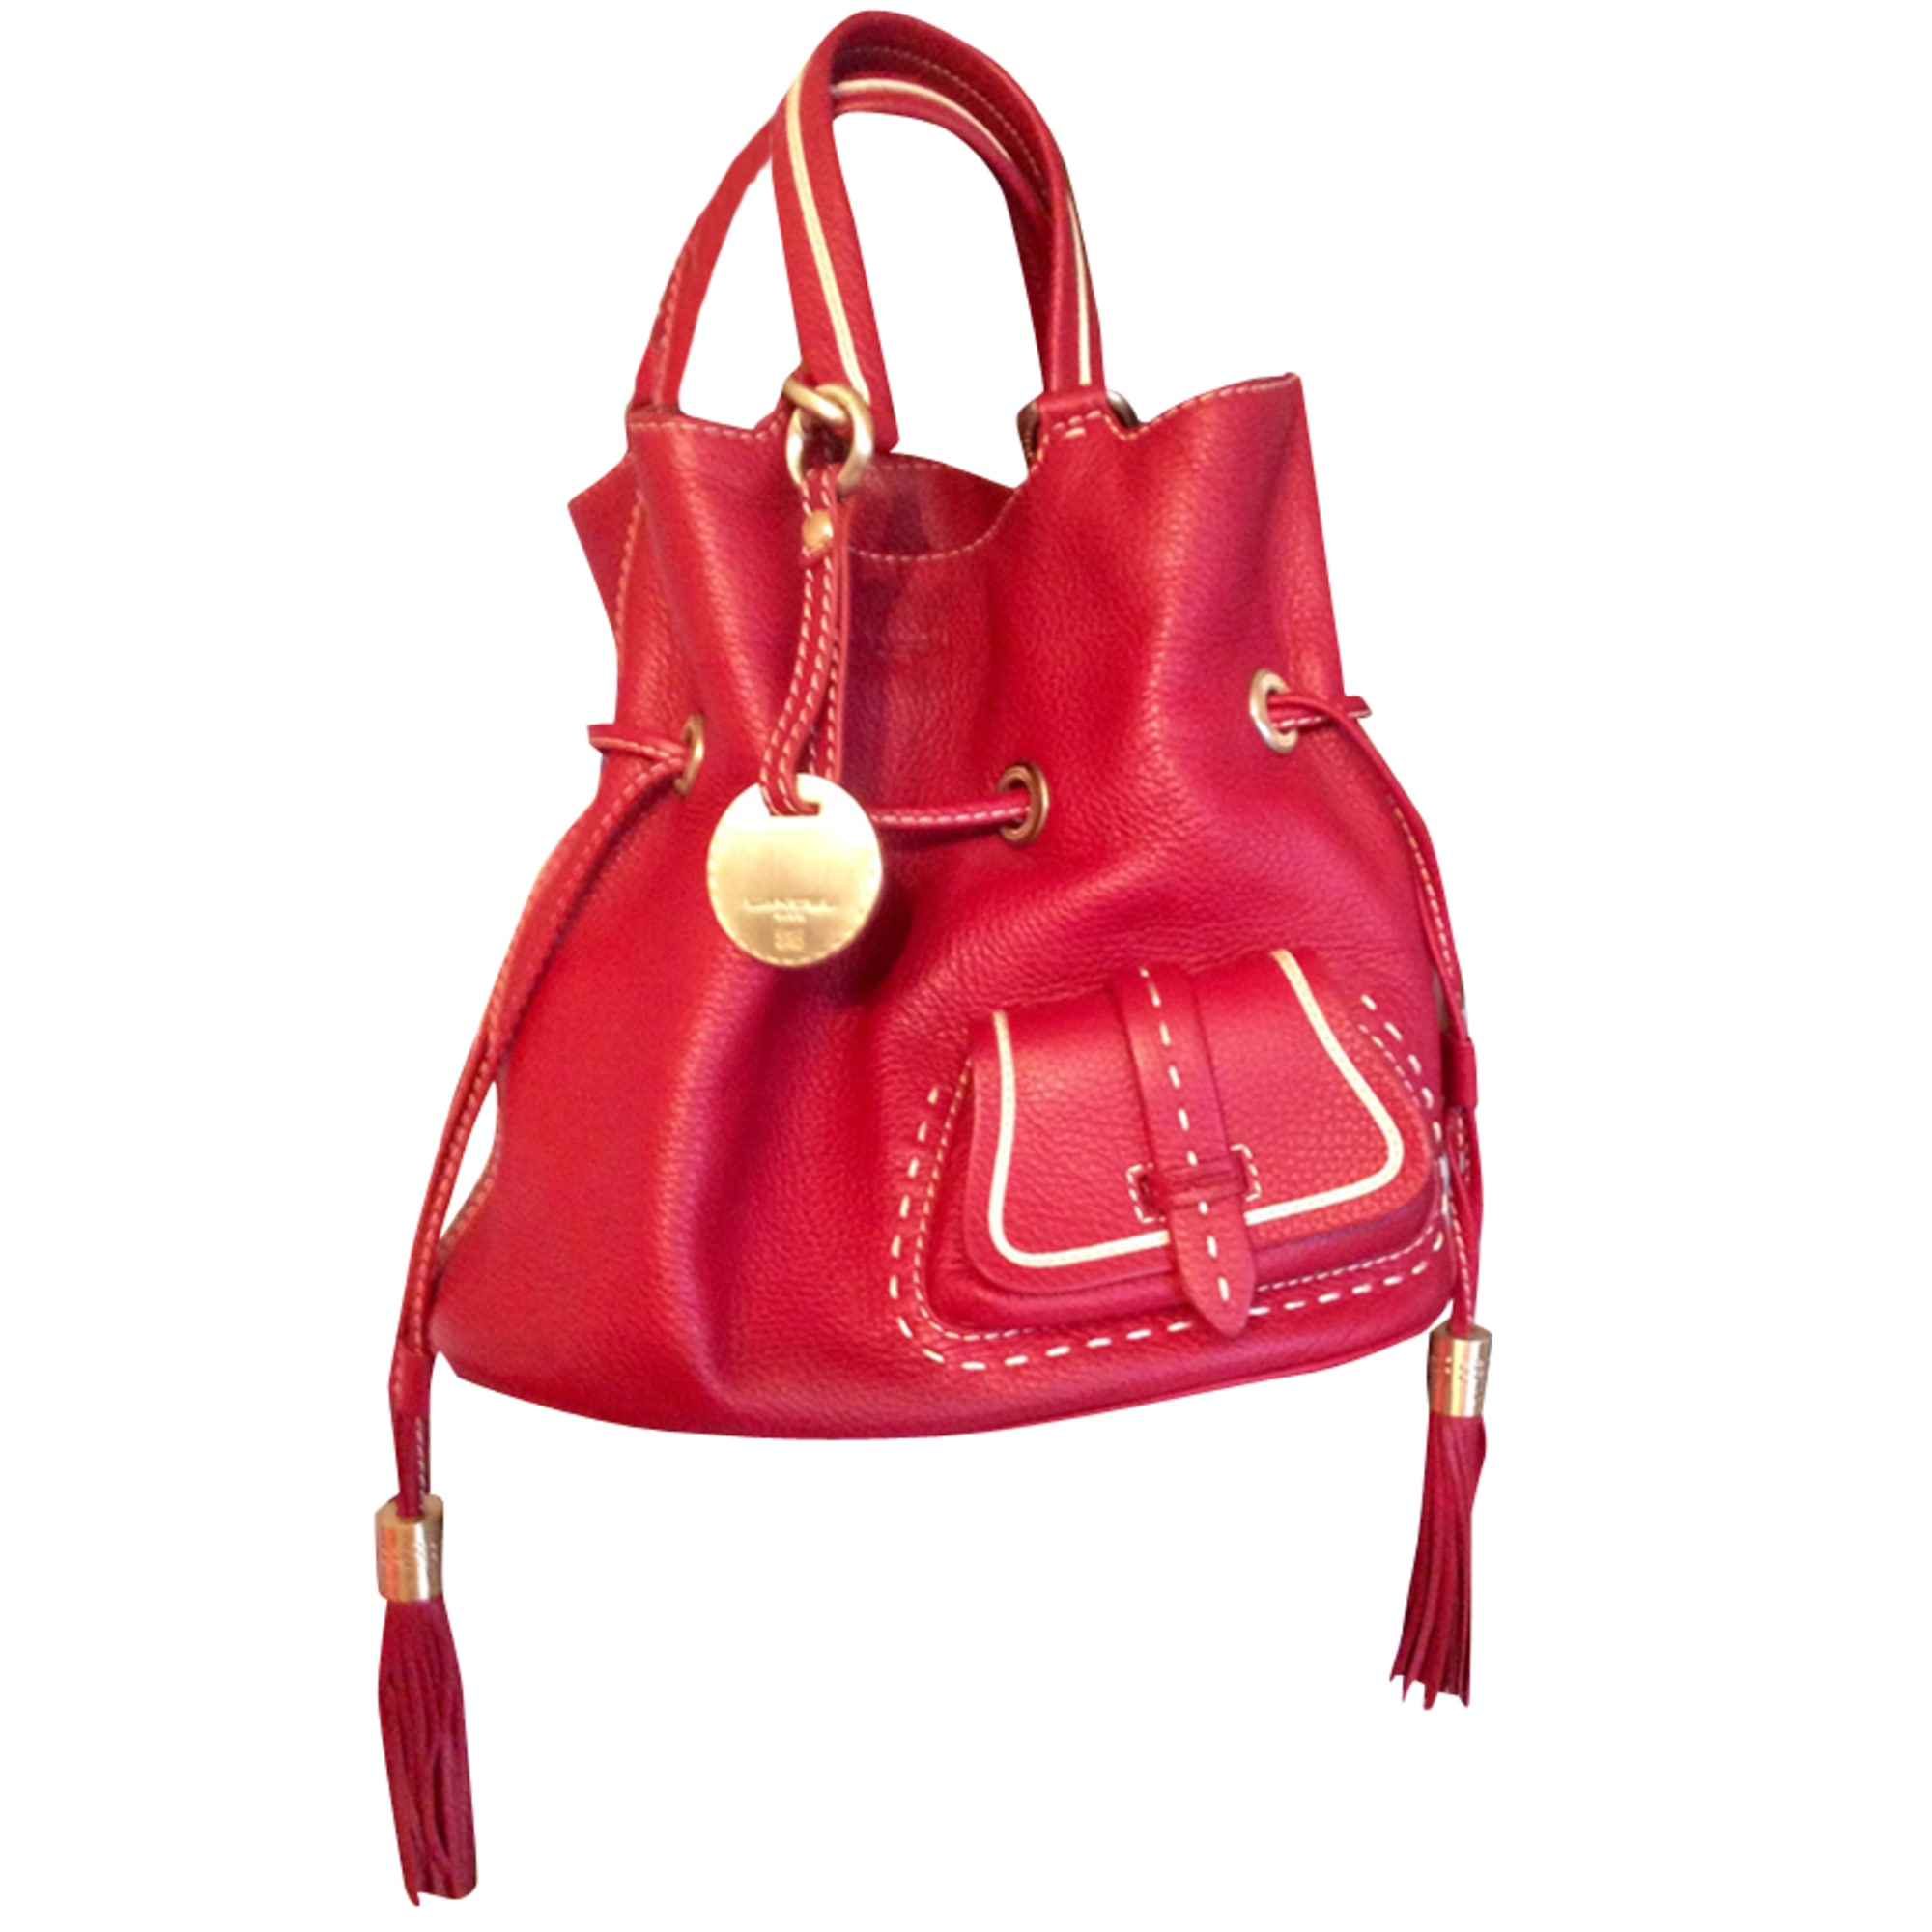 sac en bandoulière en cuir lancel rouge 3391760